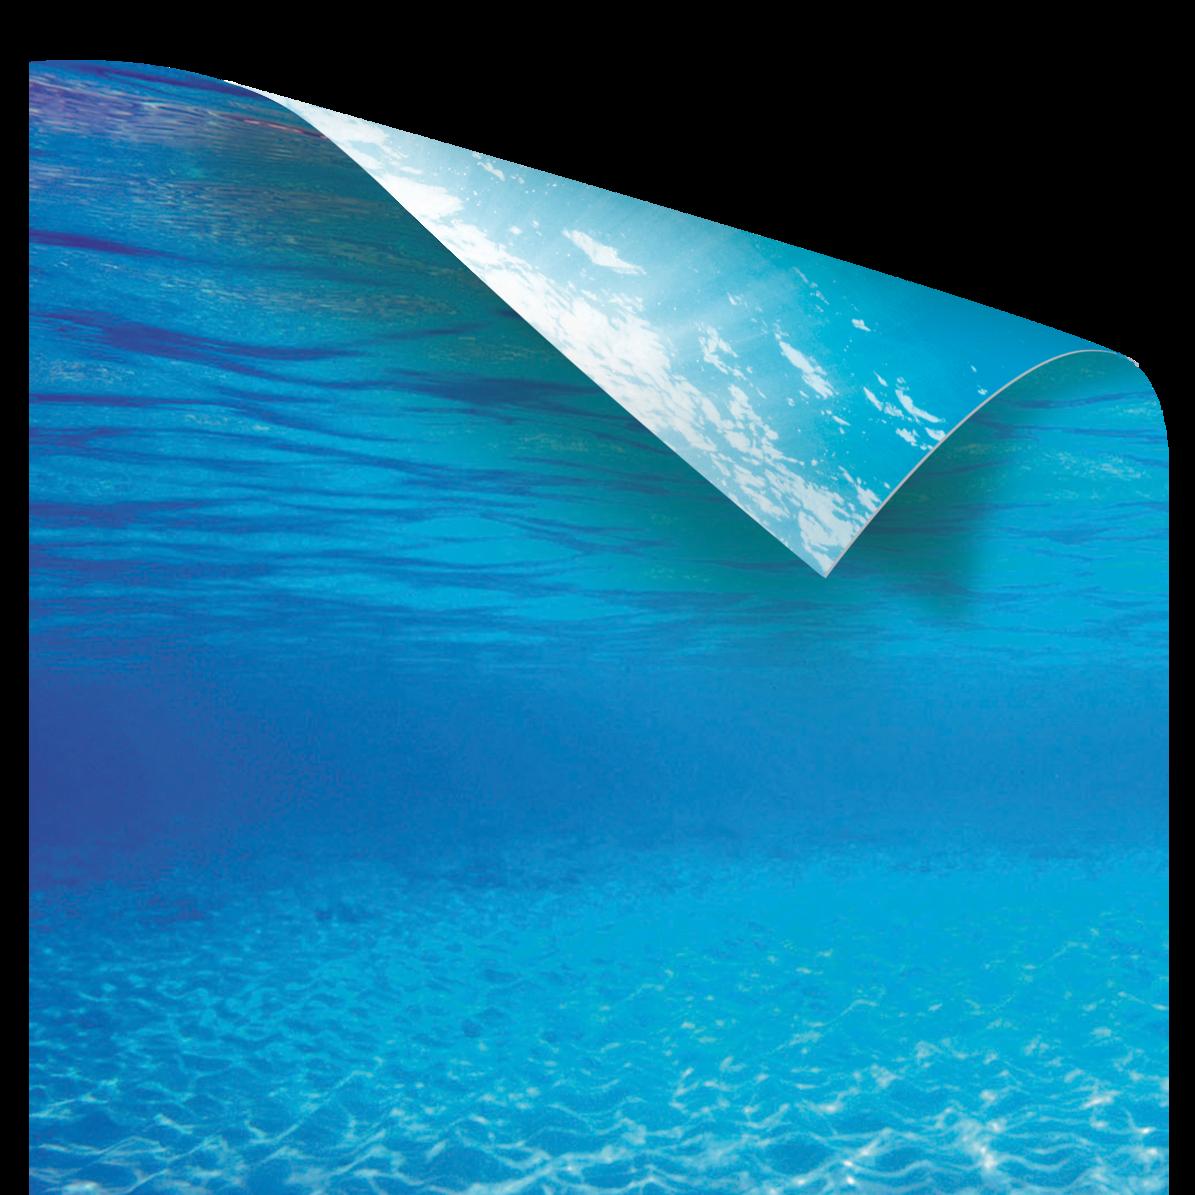 Постер 2 L JUWEL 100x50 см для задньої стінки акваріума двосторонній